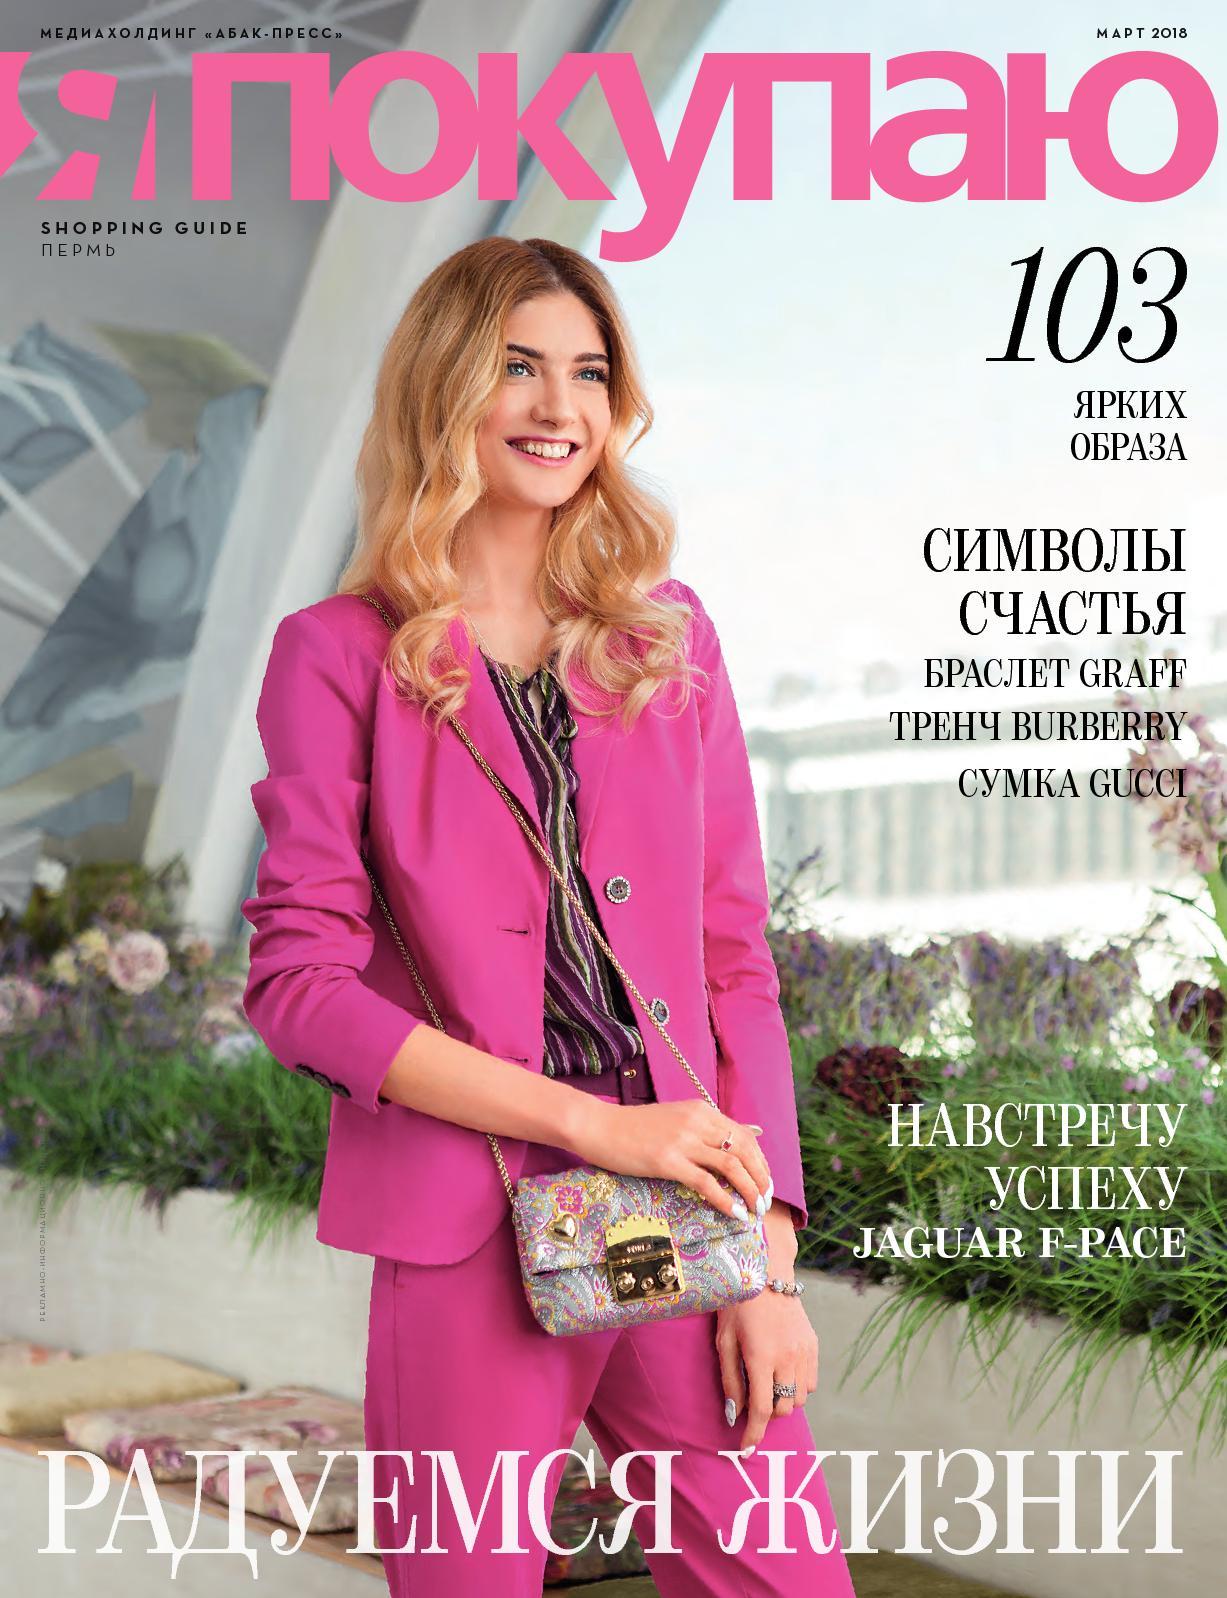 Shopping Guide «Я Покупаю. Пермь», март 2018